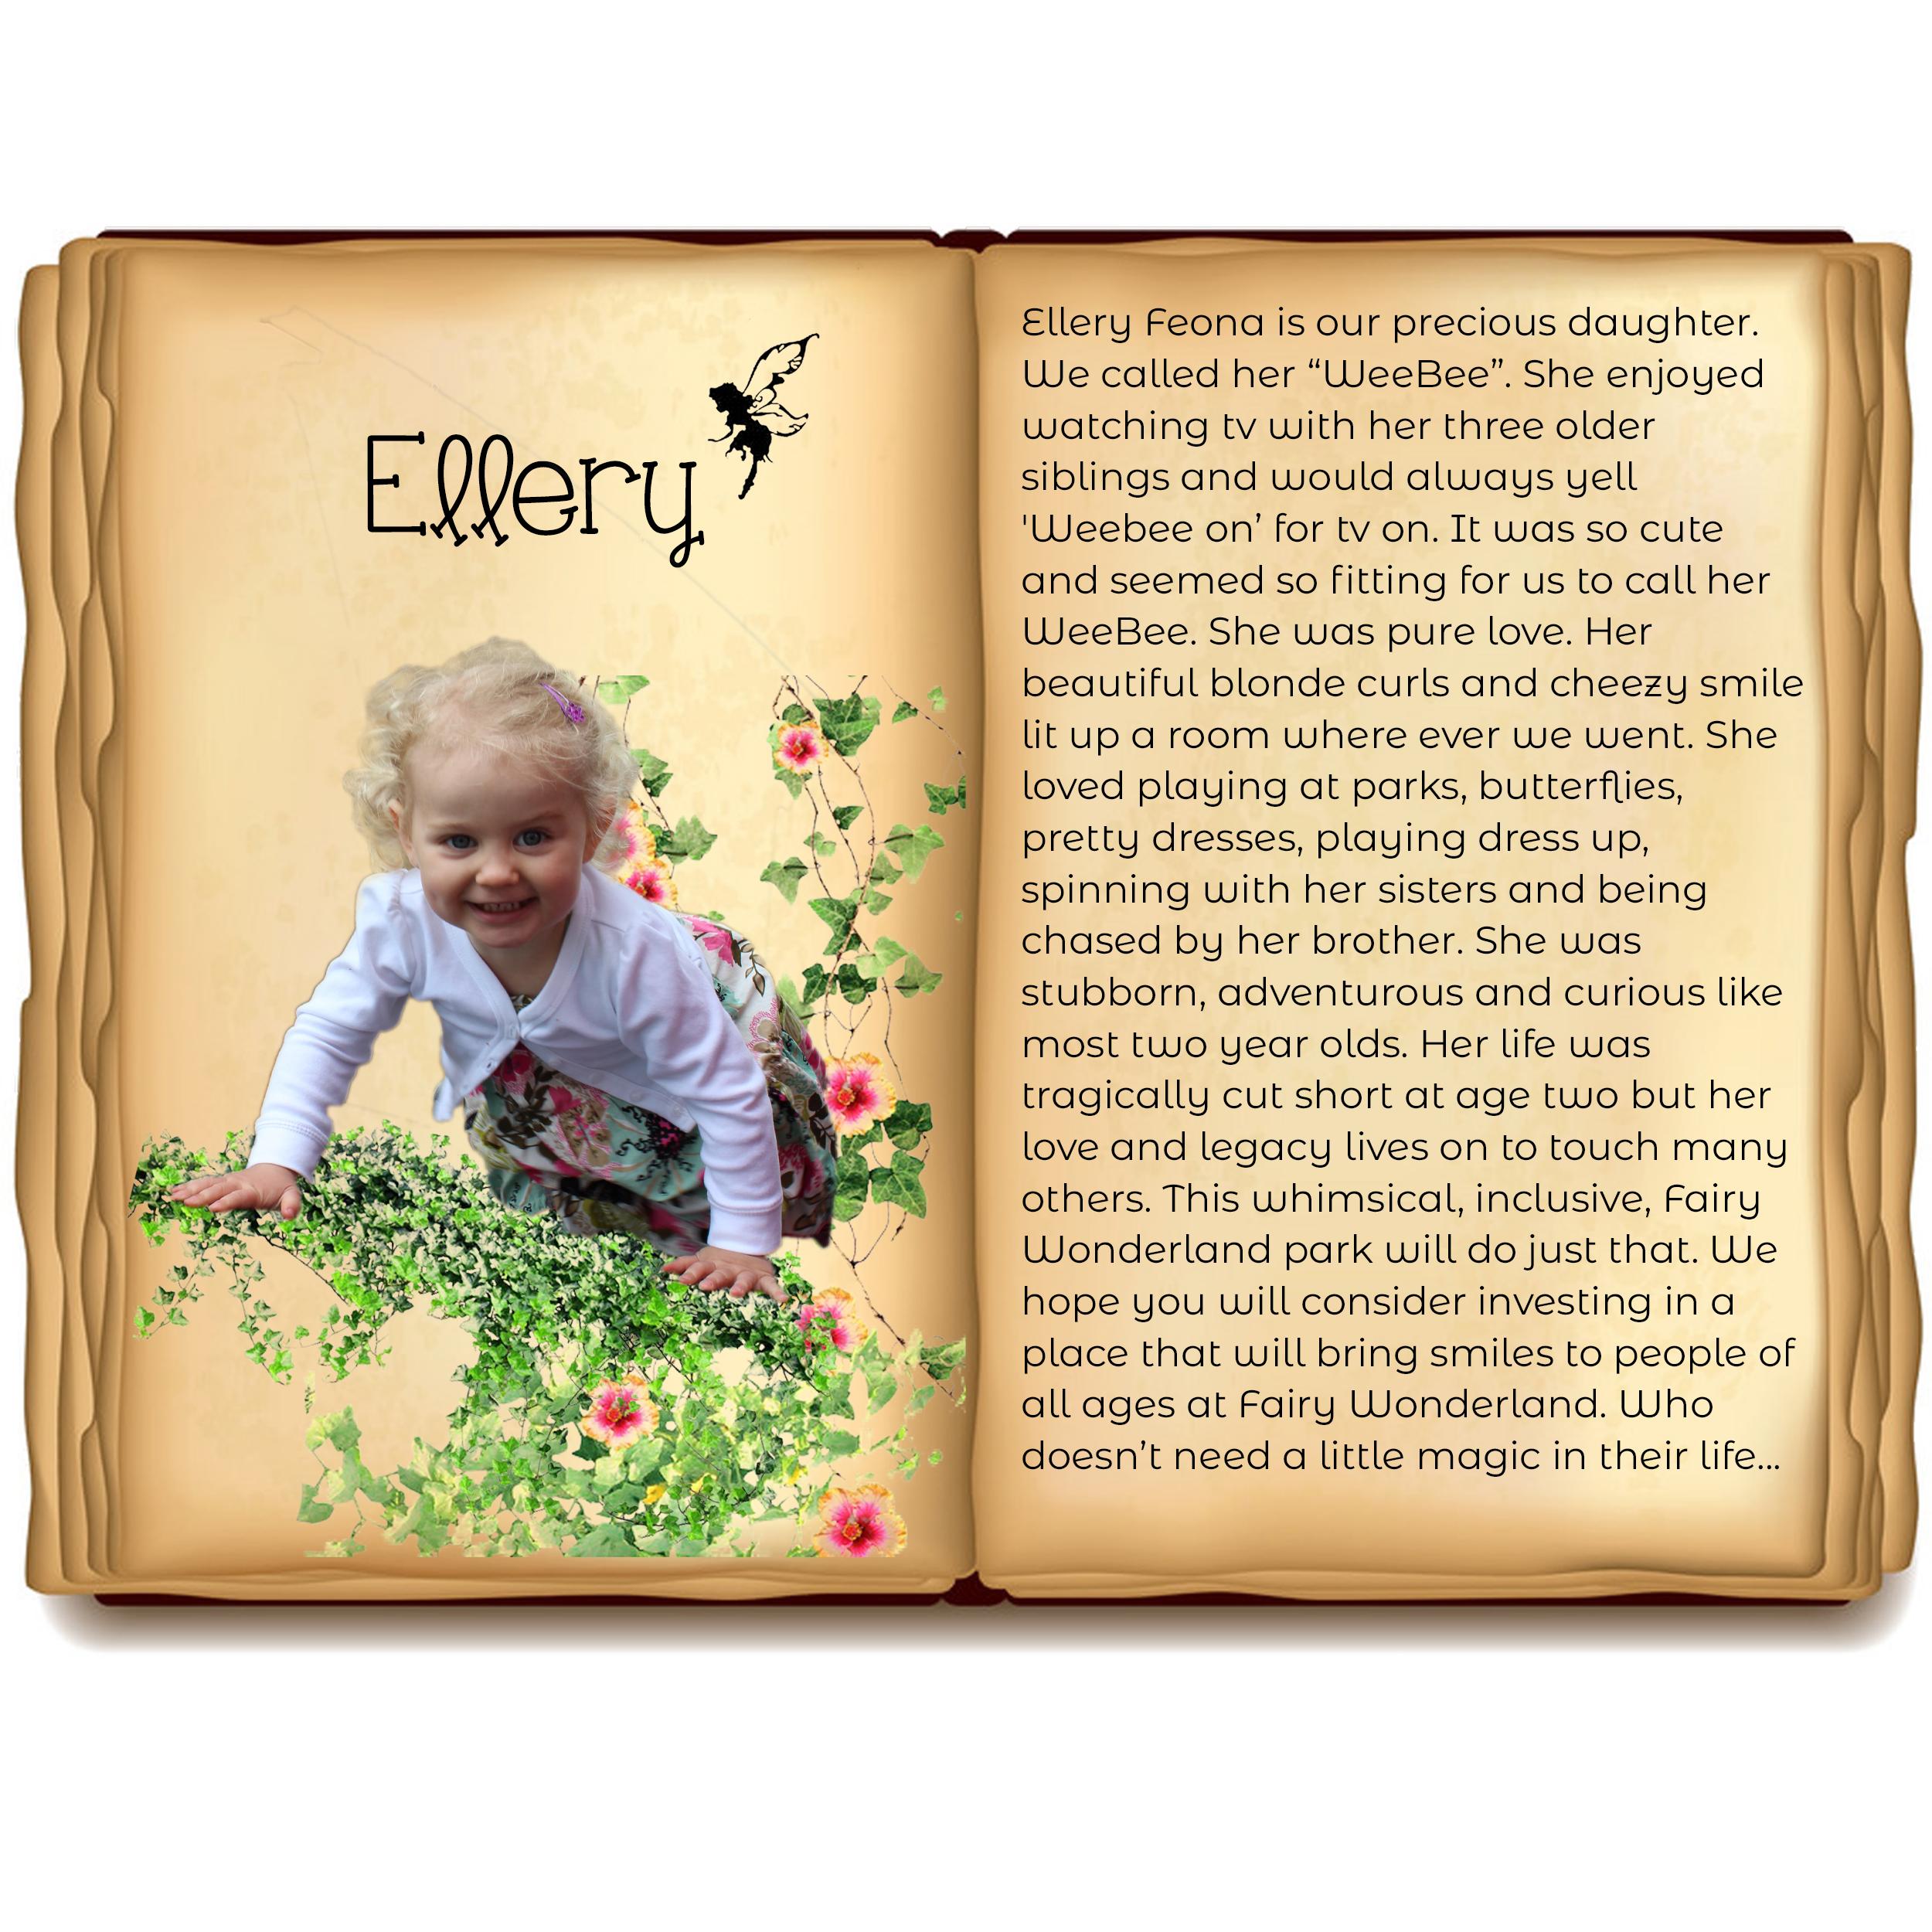 Ellery Story.jpg